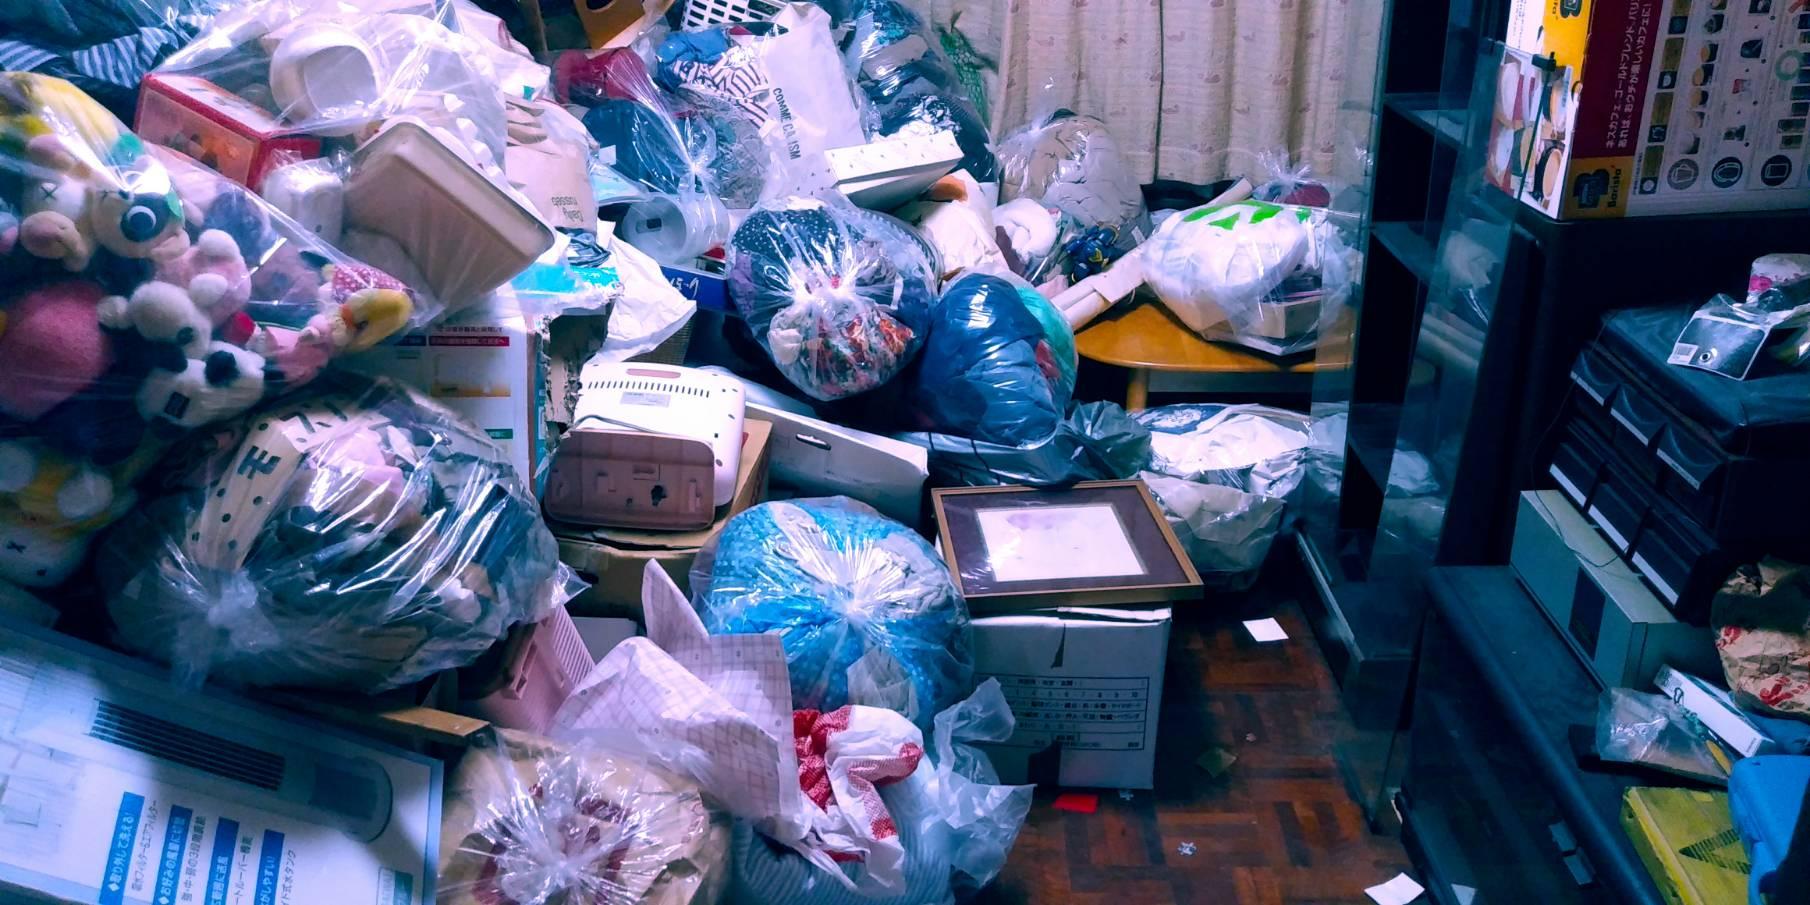 衣類、雑貨などの大量の不用品の回収前